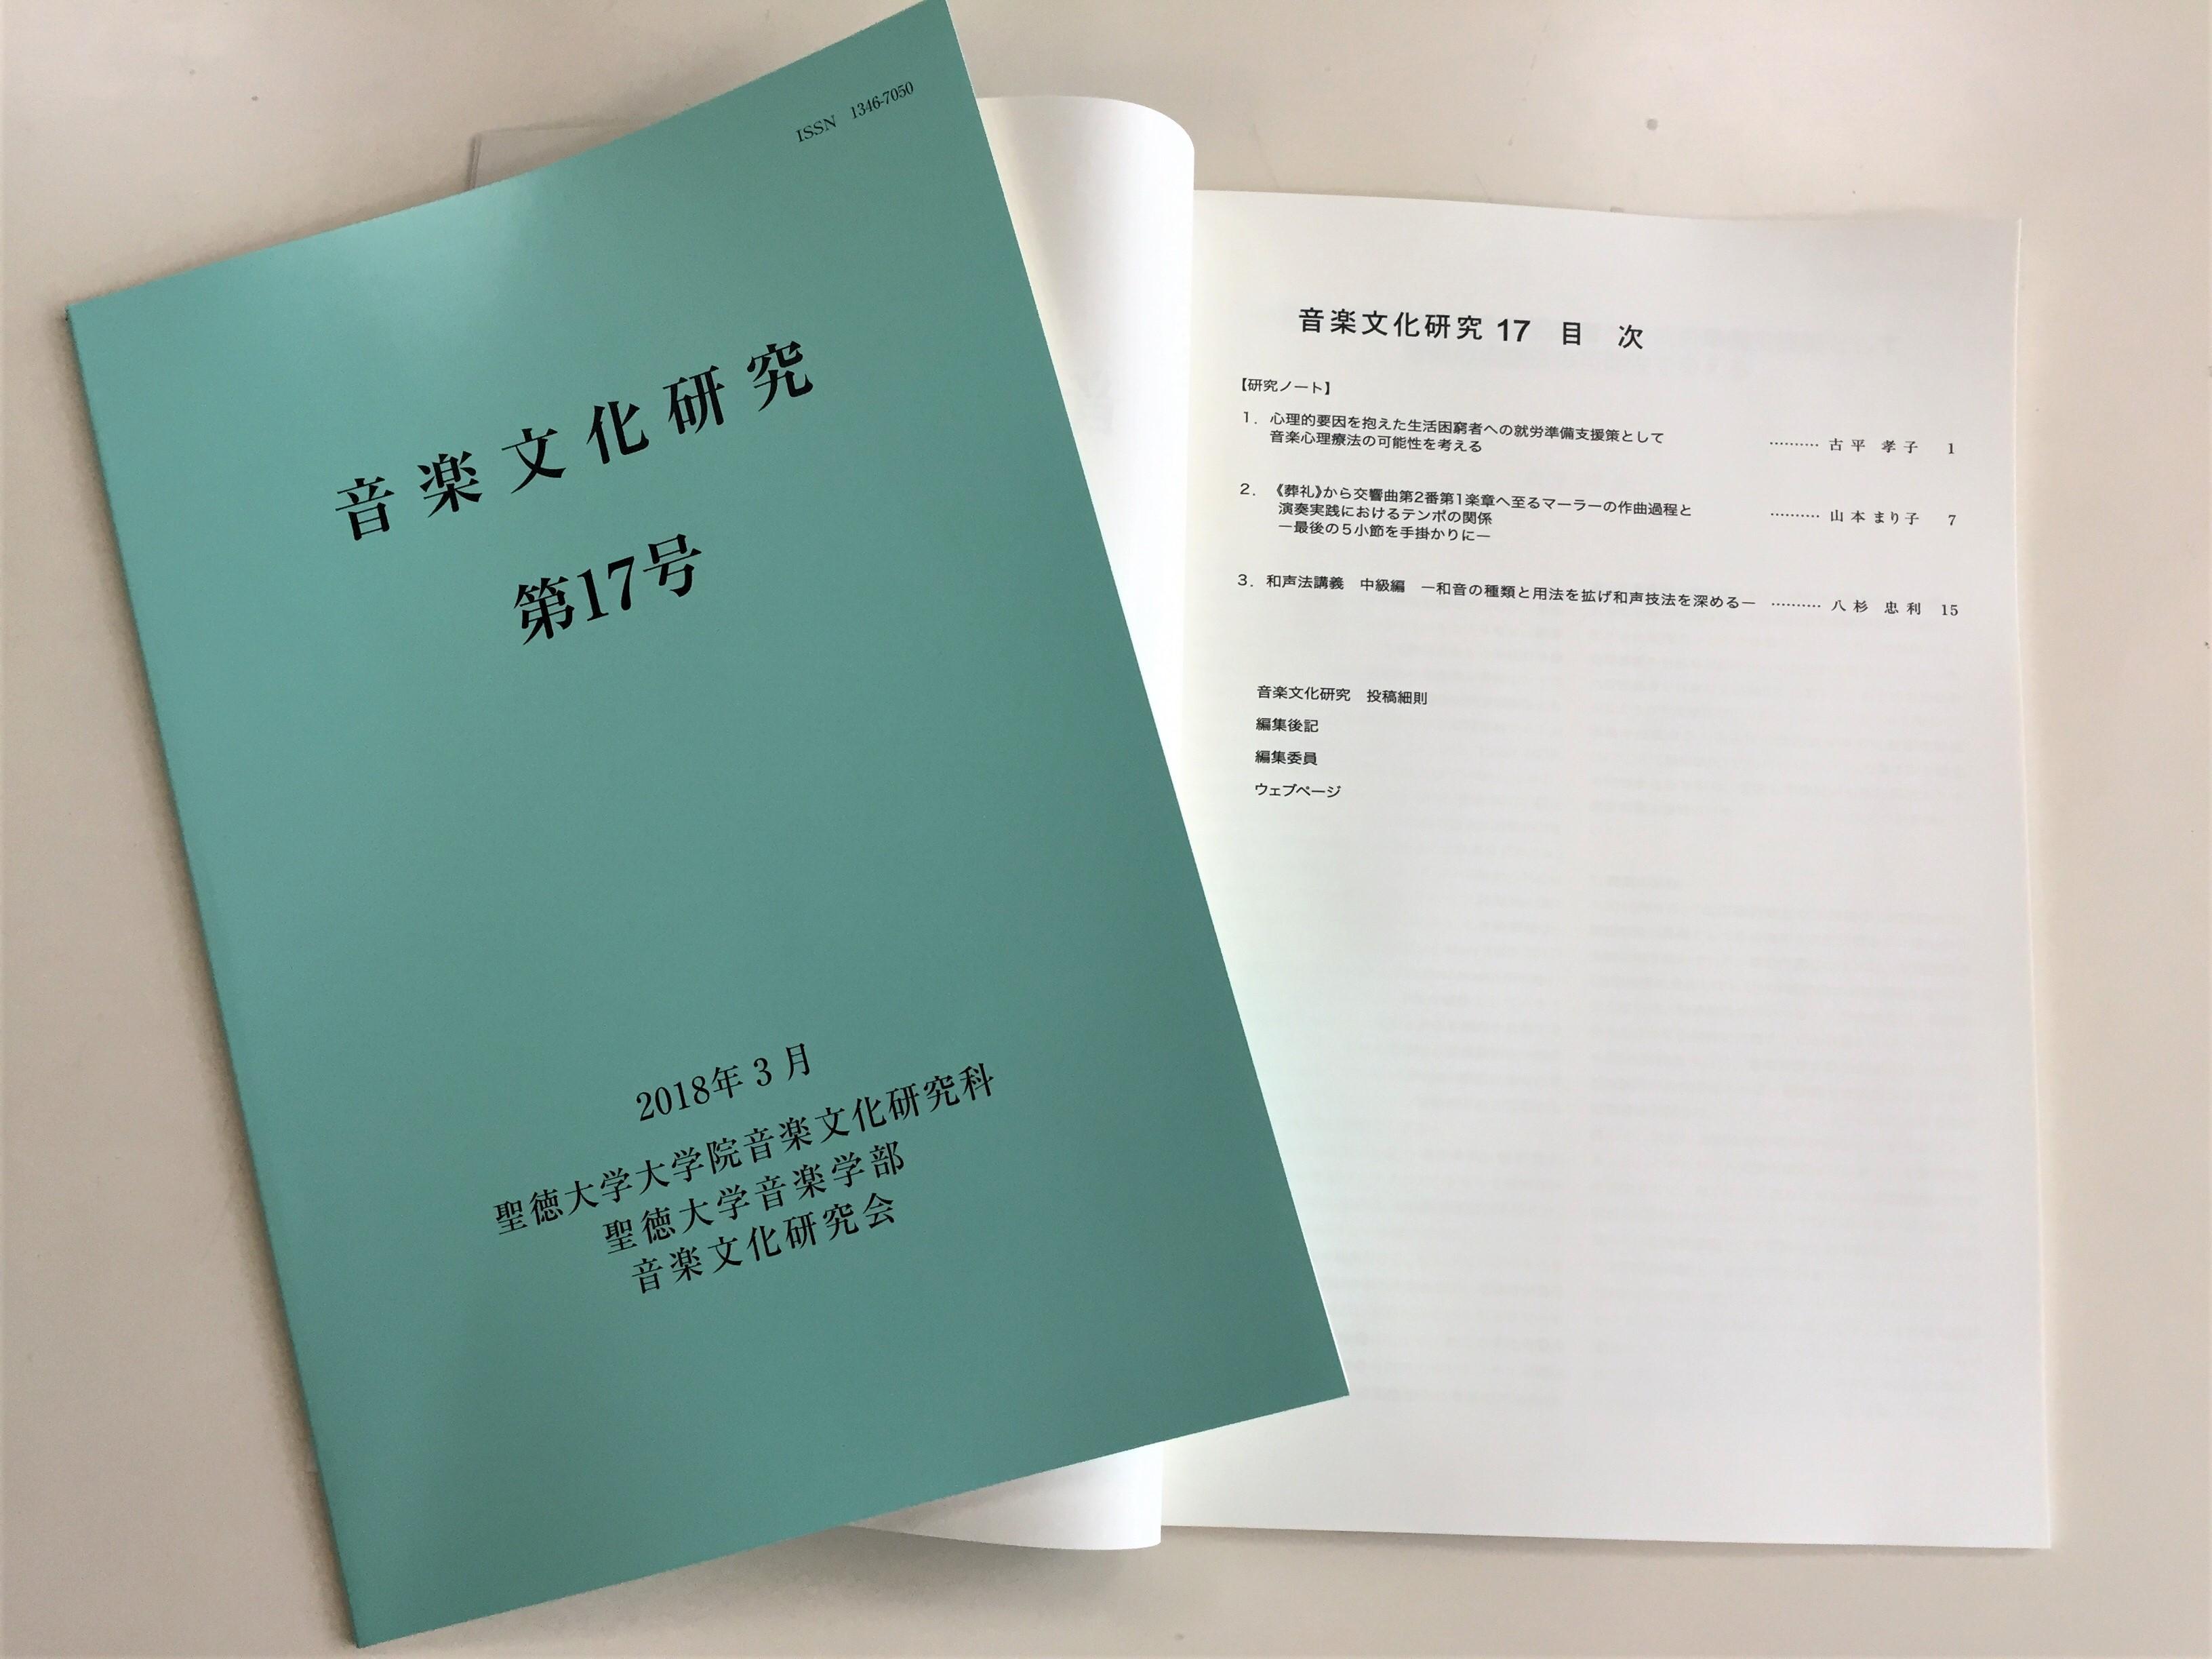 『音楽文化研究』第17号が刊行されました